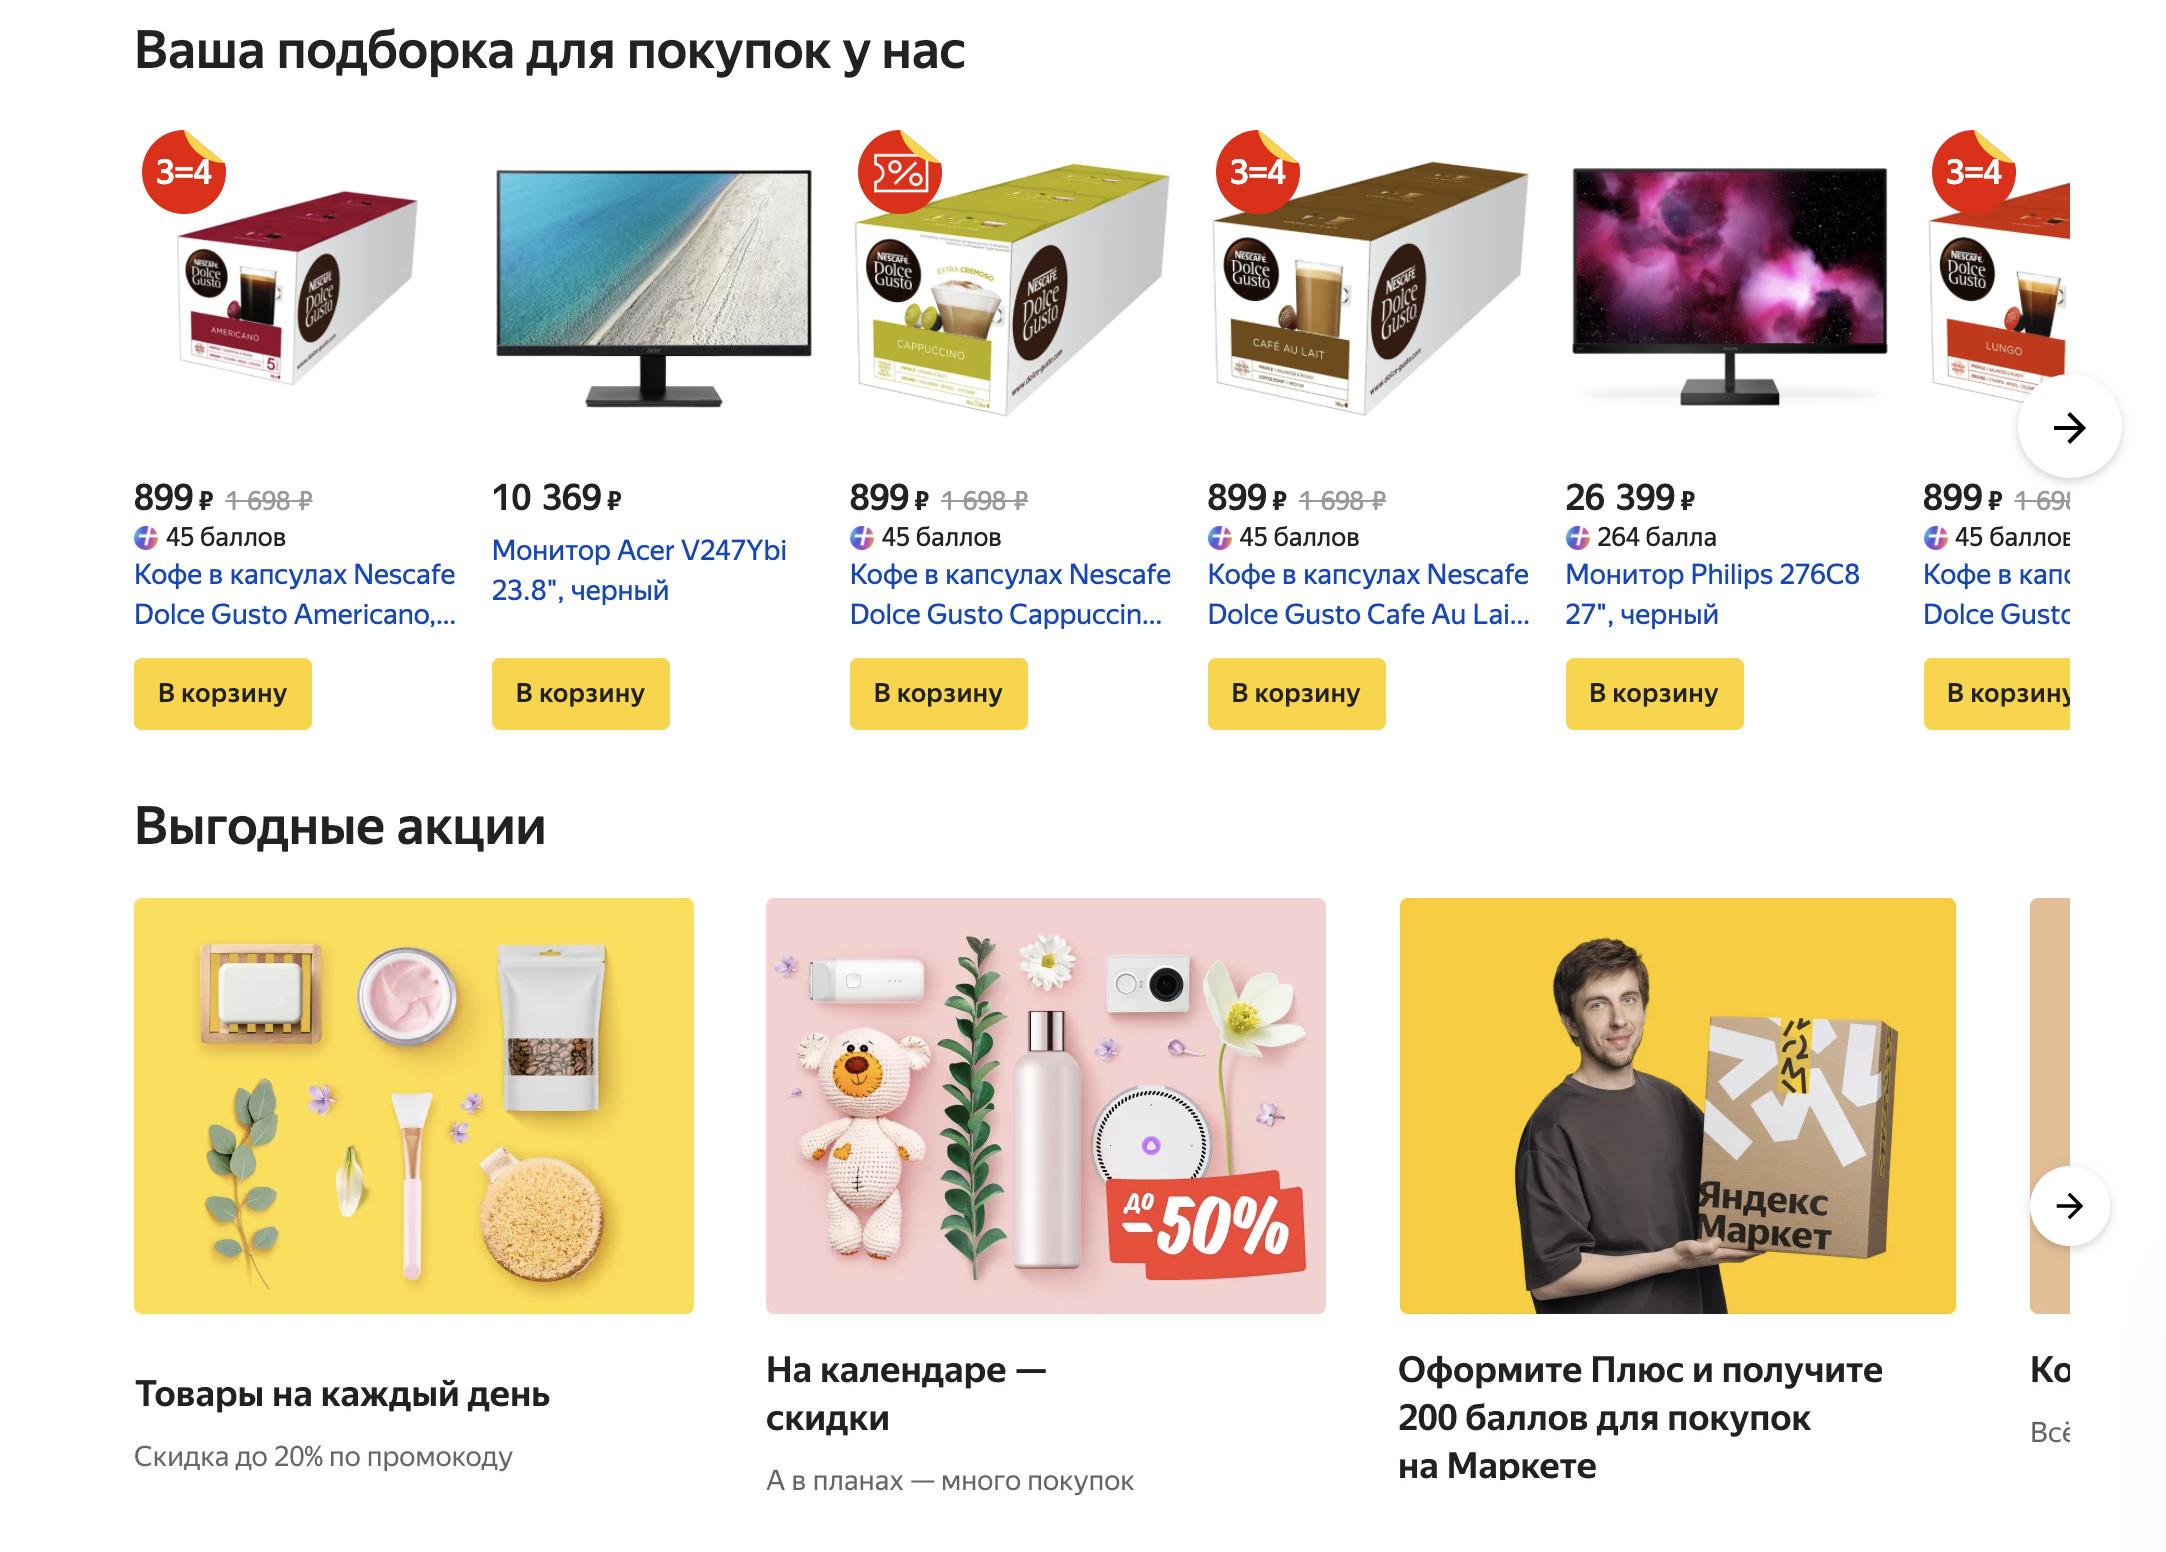 Доставка из Яндекс.Маркет в Сергиев Посад, сроки, пункты выдачи, каталог